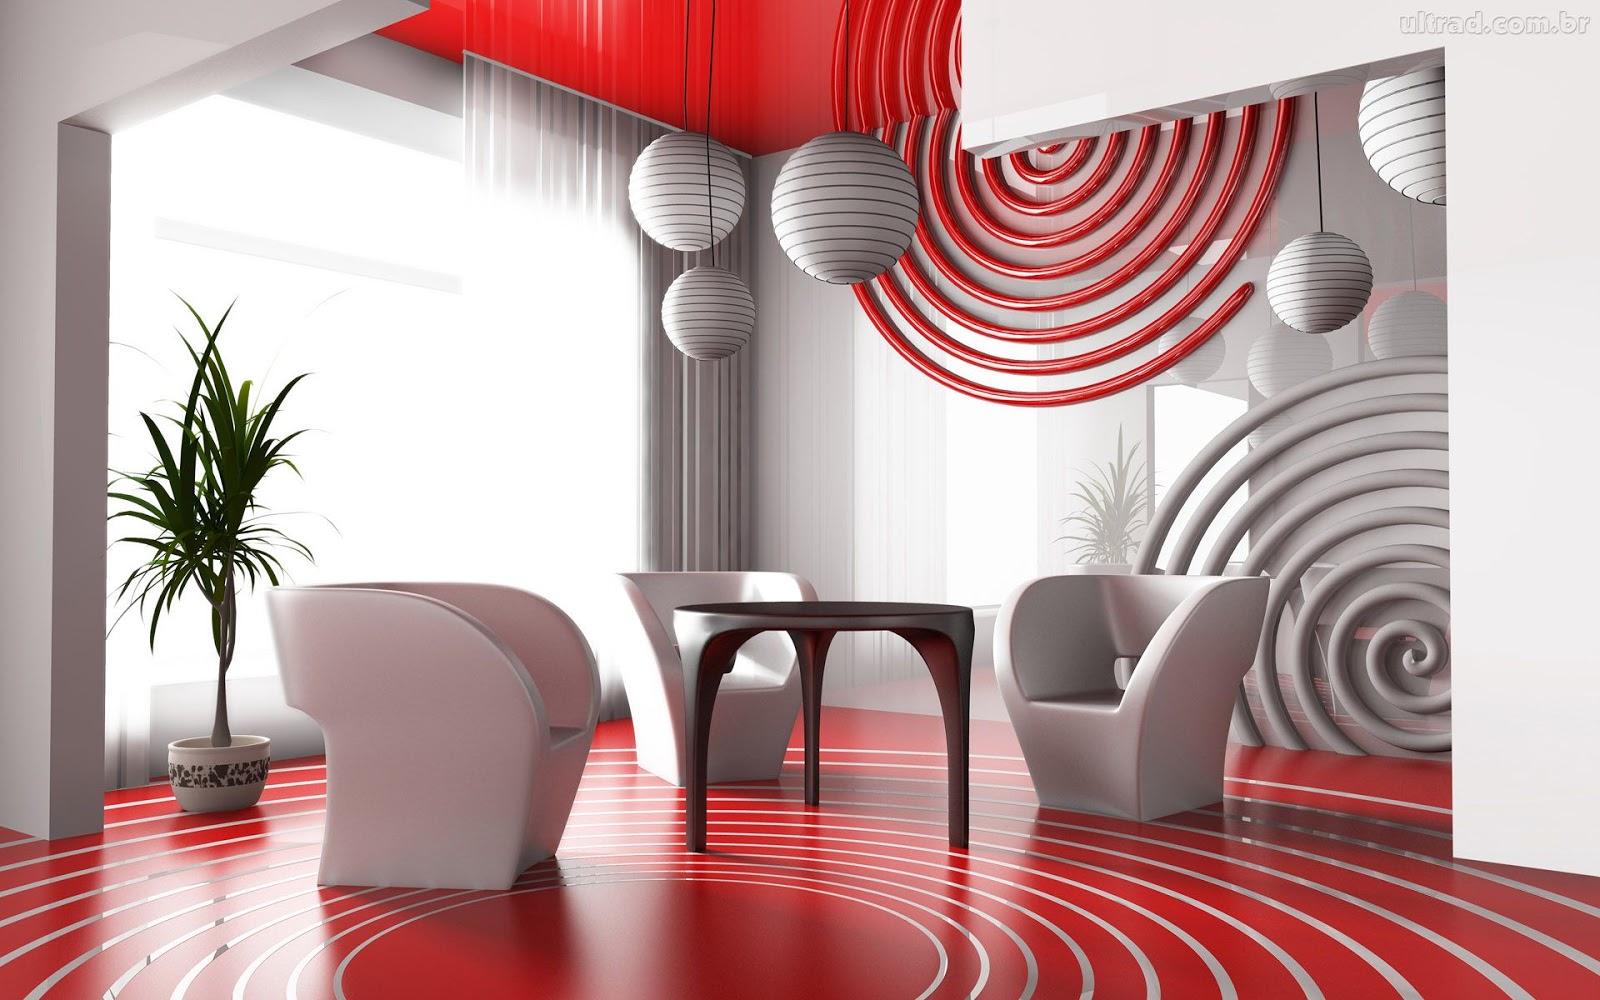 Living rooms ideas - Great interior design ideas and principles in interior designing ...